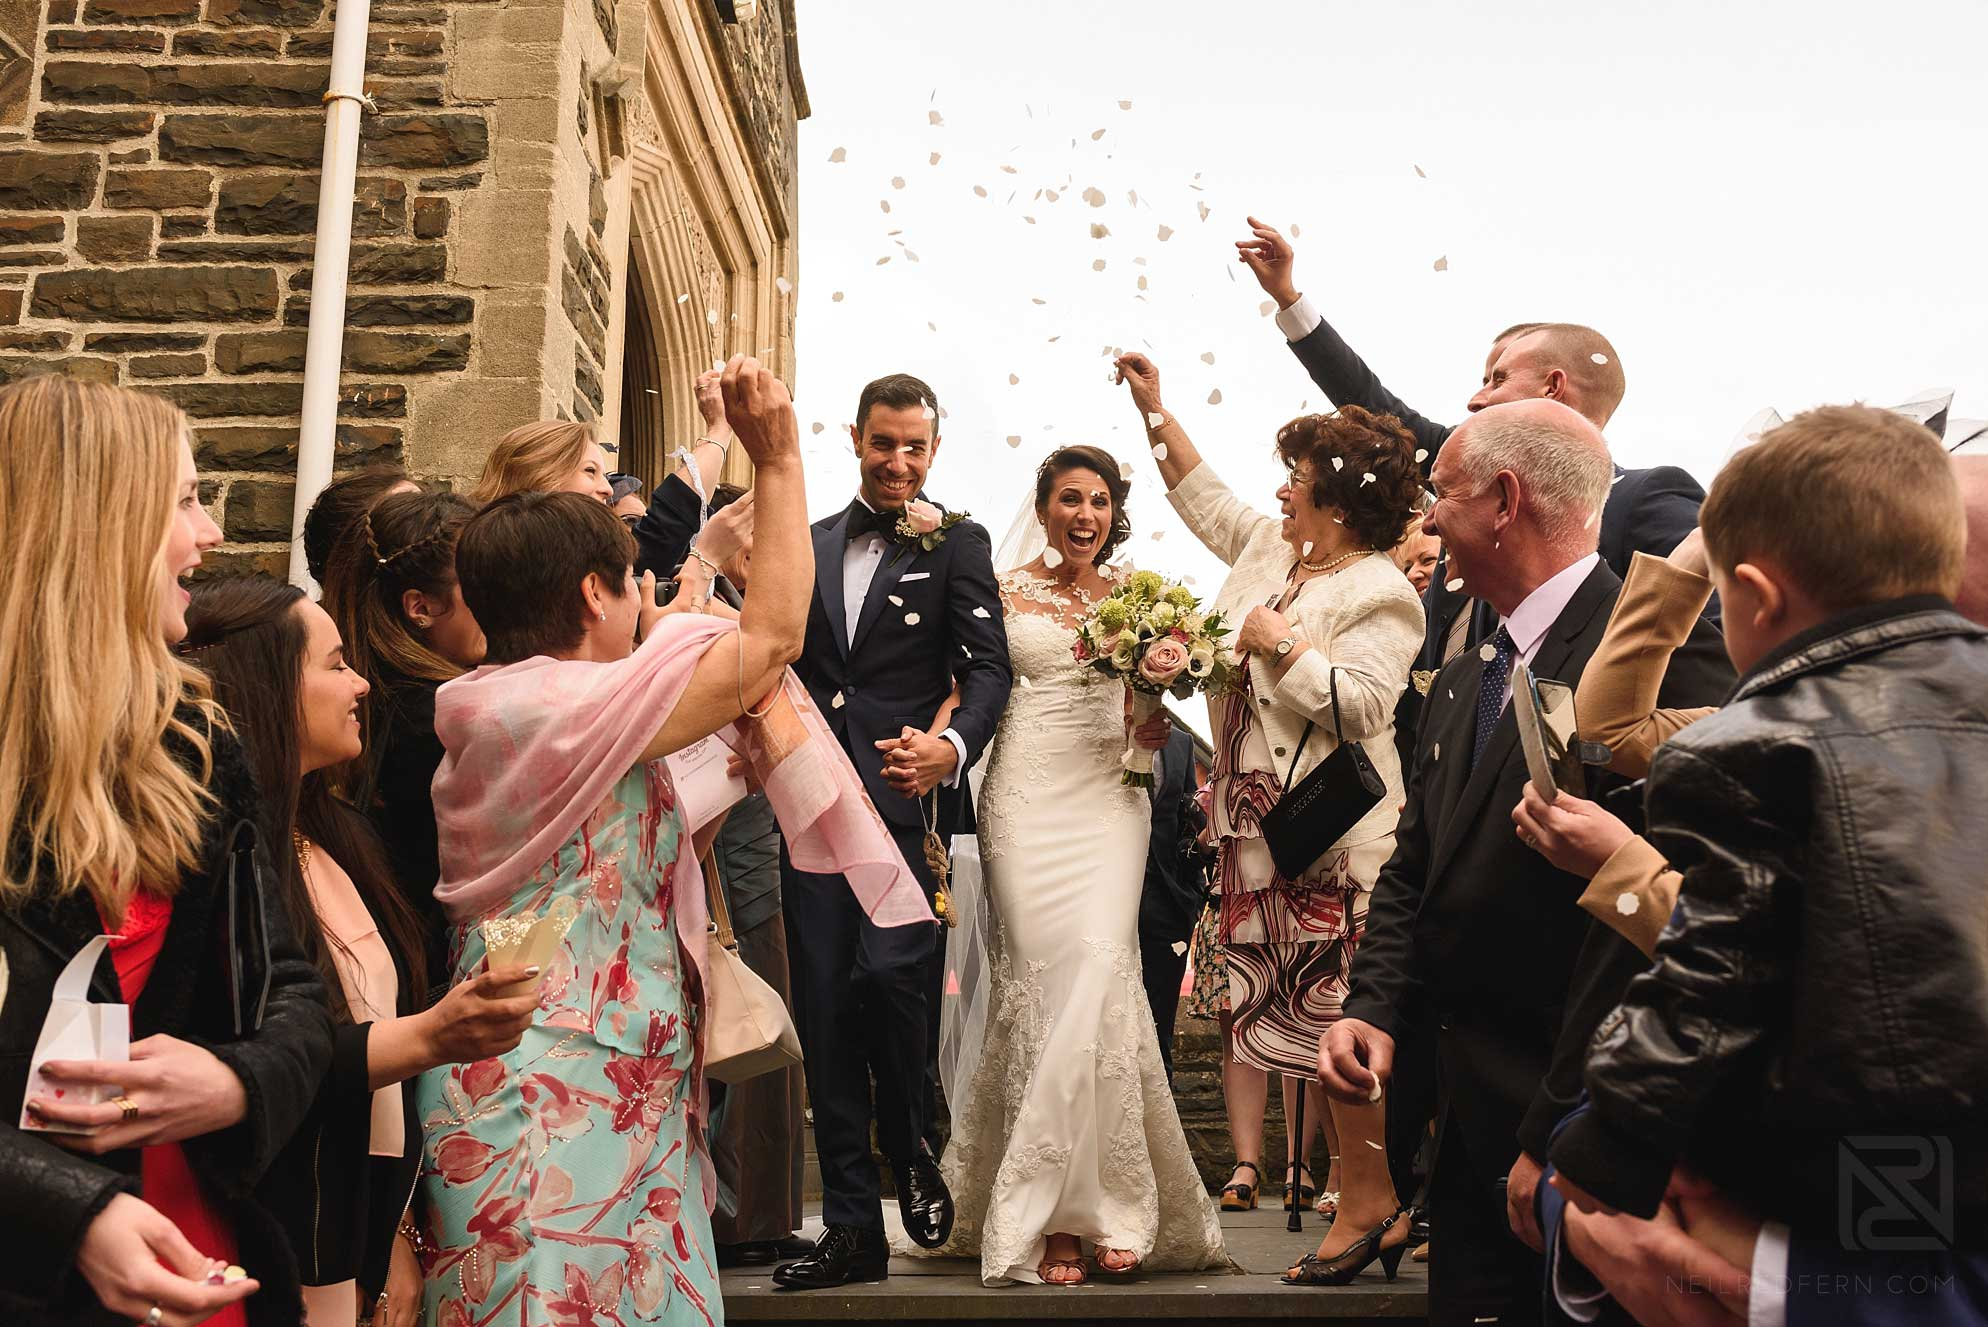 Nanteos-Mansion-wedding-photographs-29